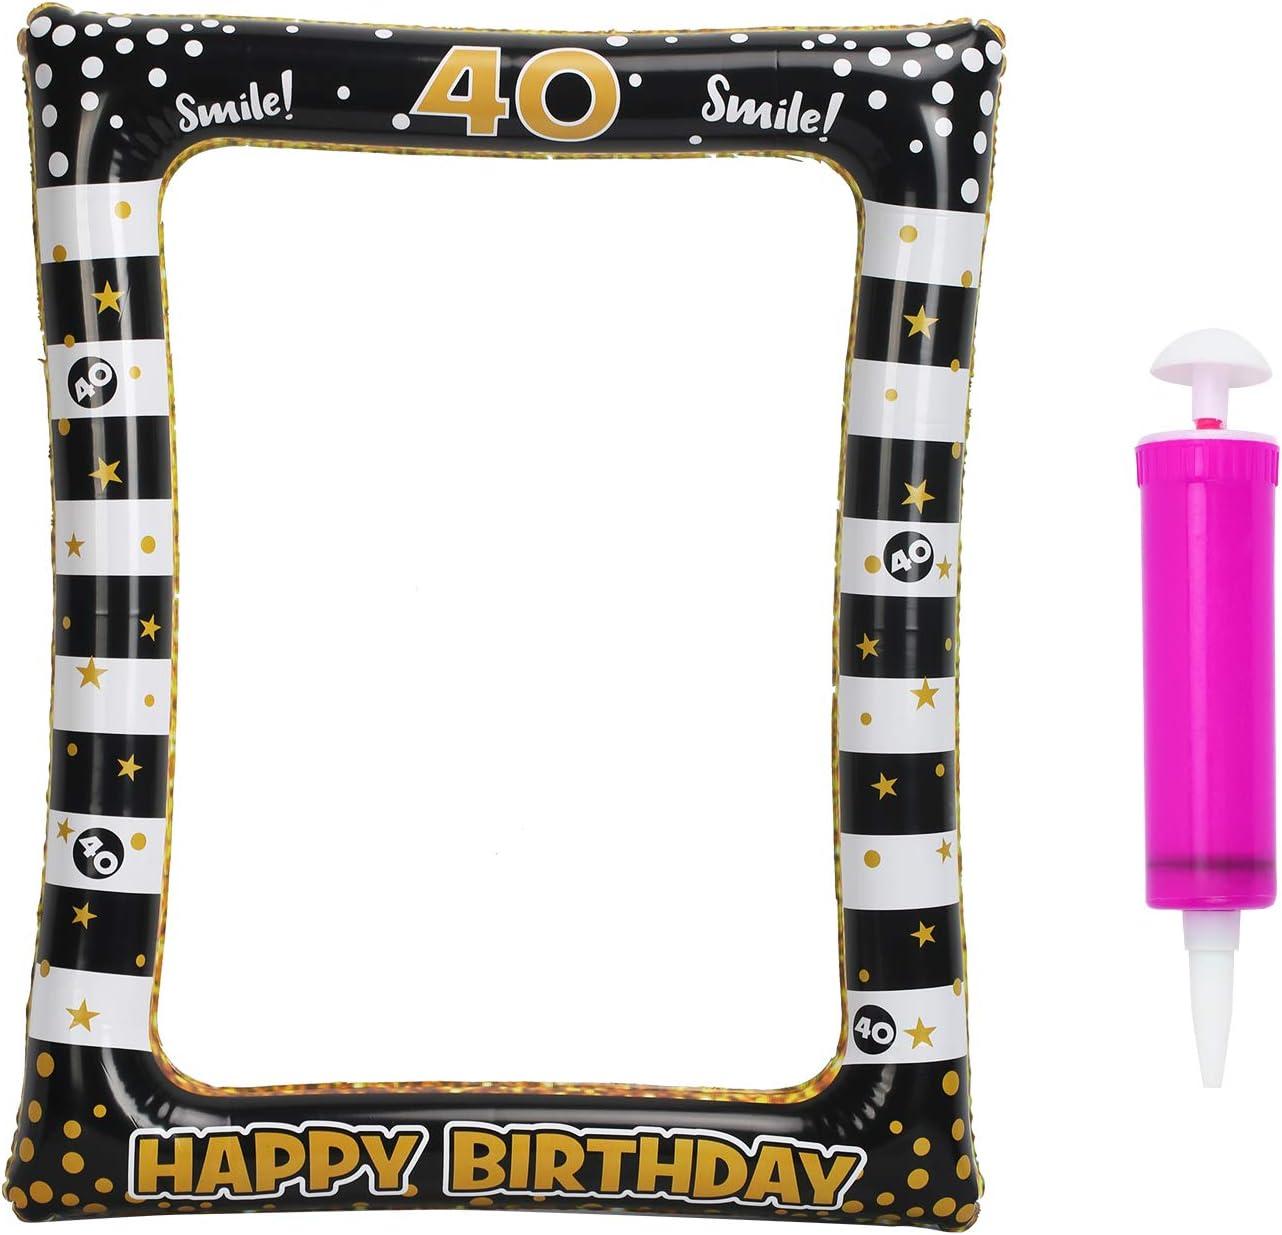 CINMOK Photo Booth Decoracion Cumpleaños de Marco Inchable Negro, Regalos Económico Feliz Cumpleaños, Photocall Inflable para Fiesta de 40 Años.